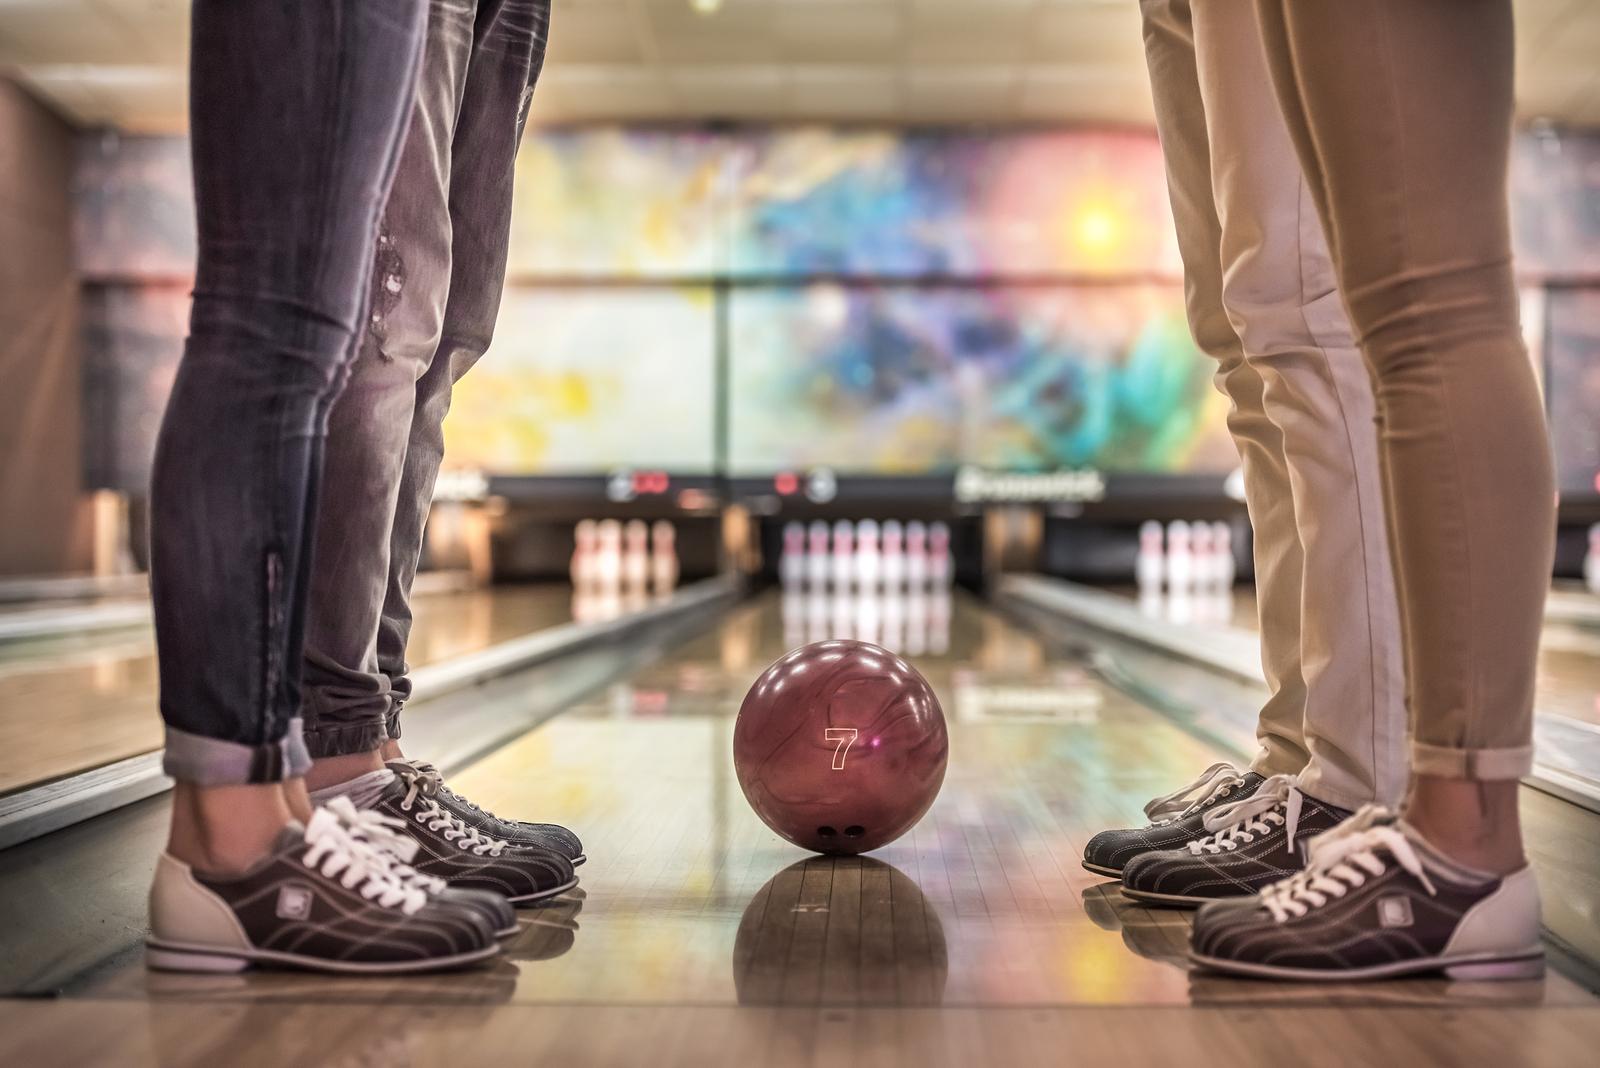 Bowlings looking at ball